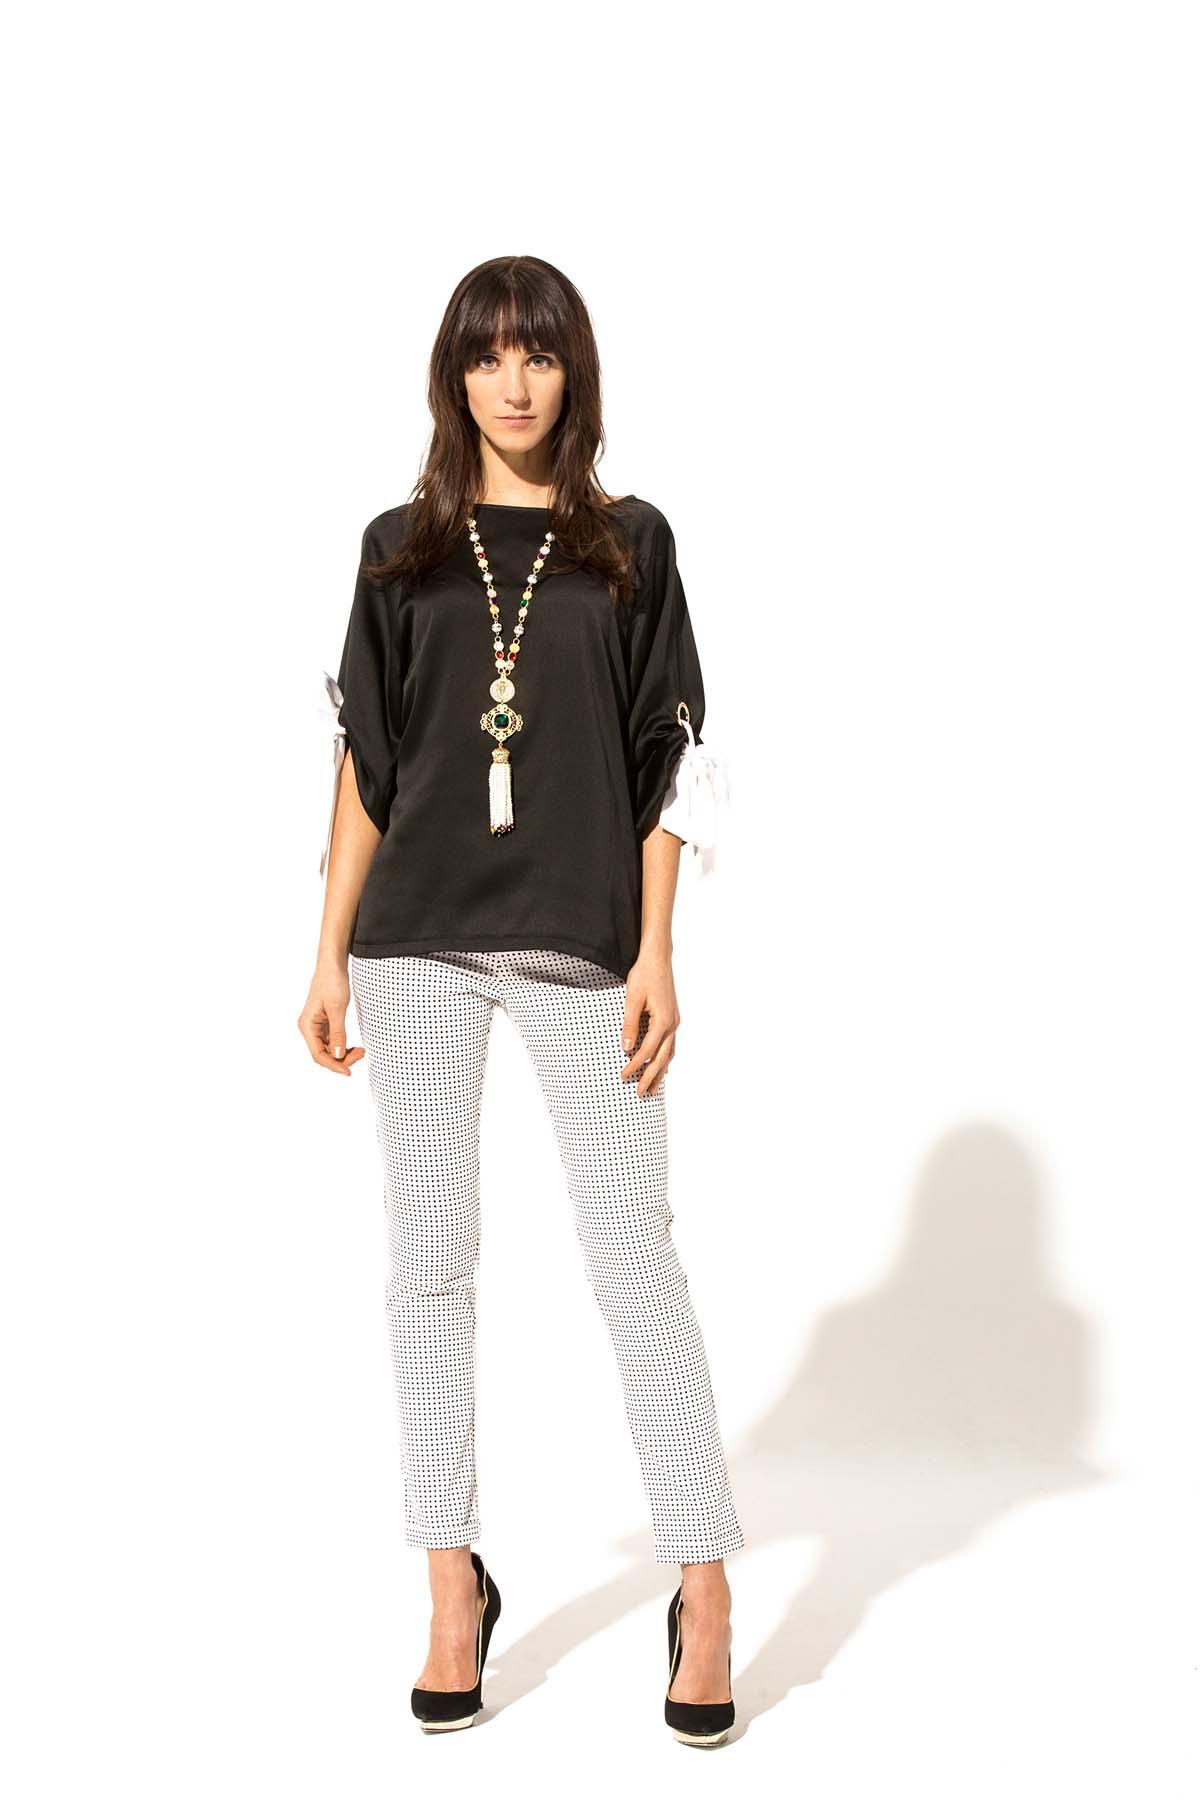 Blusa negra con lazos  Teria Yabar - Blusa negra con lazos